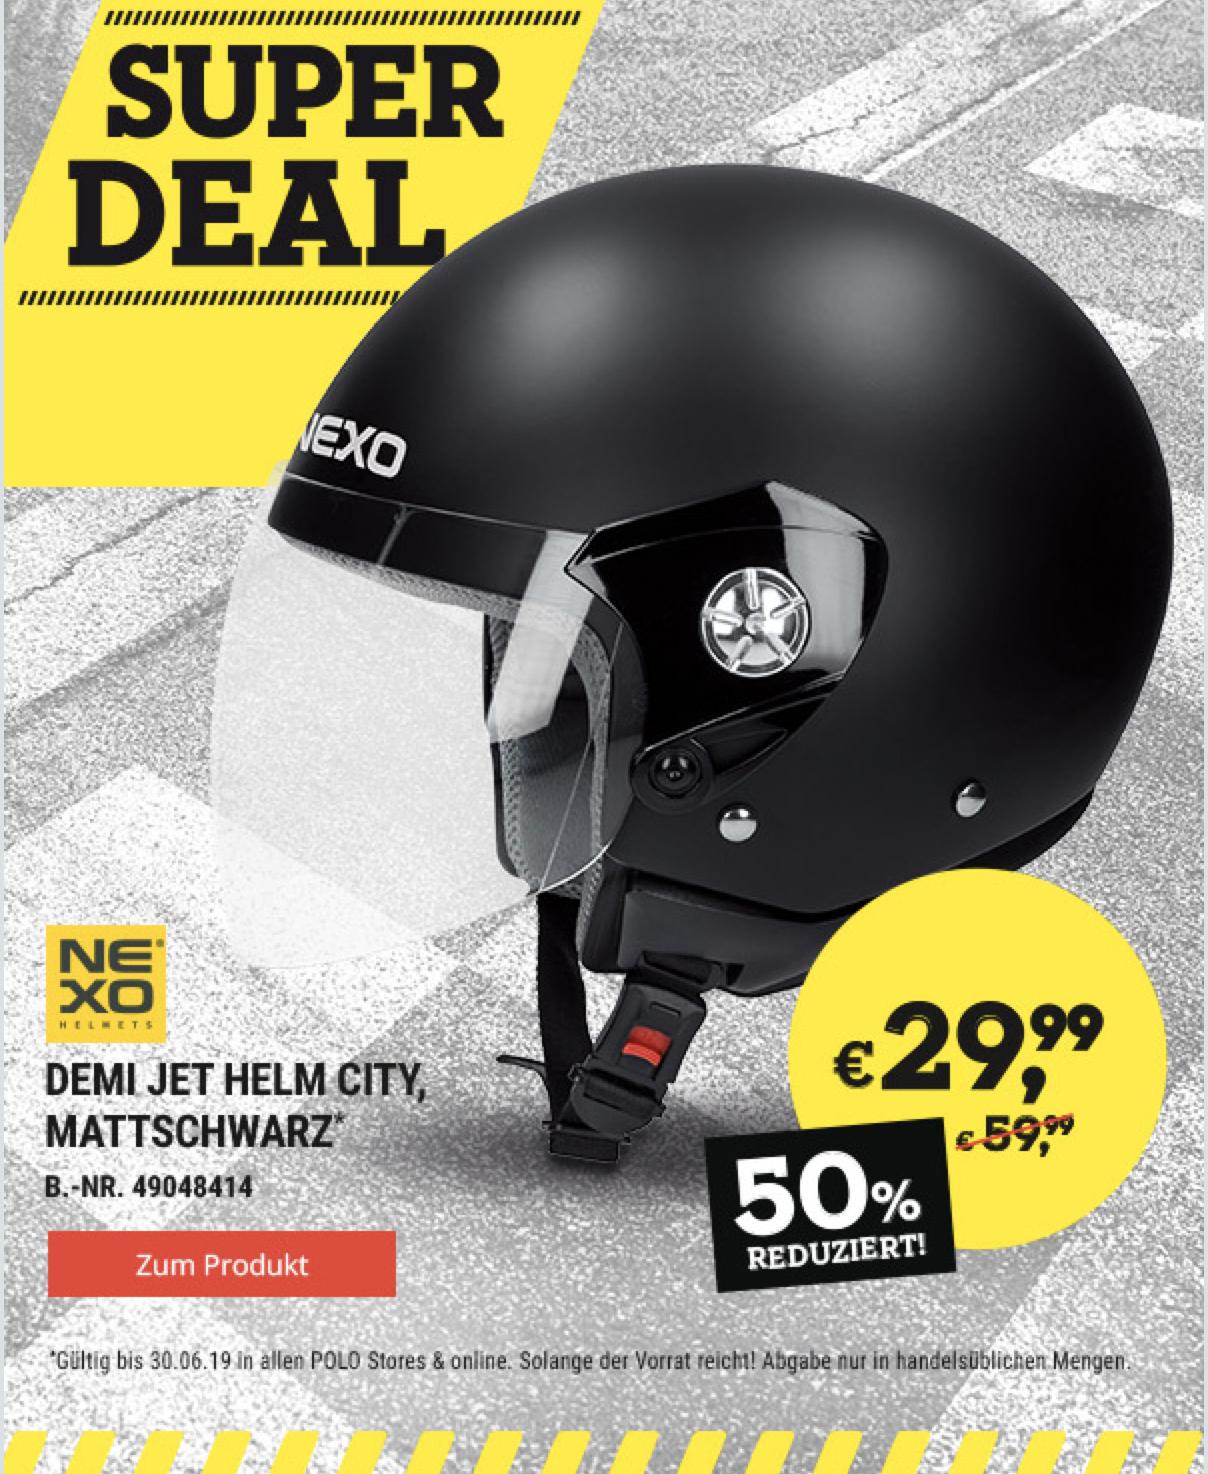 Polo Motorrad: Nexo Demi Jet Helm City 29,99 statt 59,99 (online + 3,49 VSK)